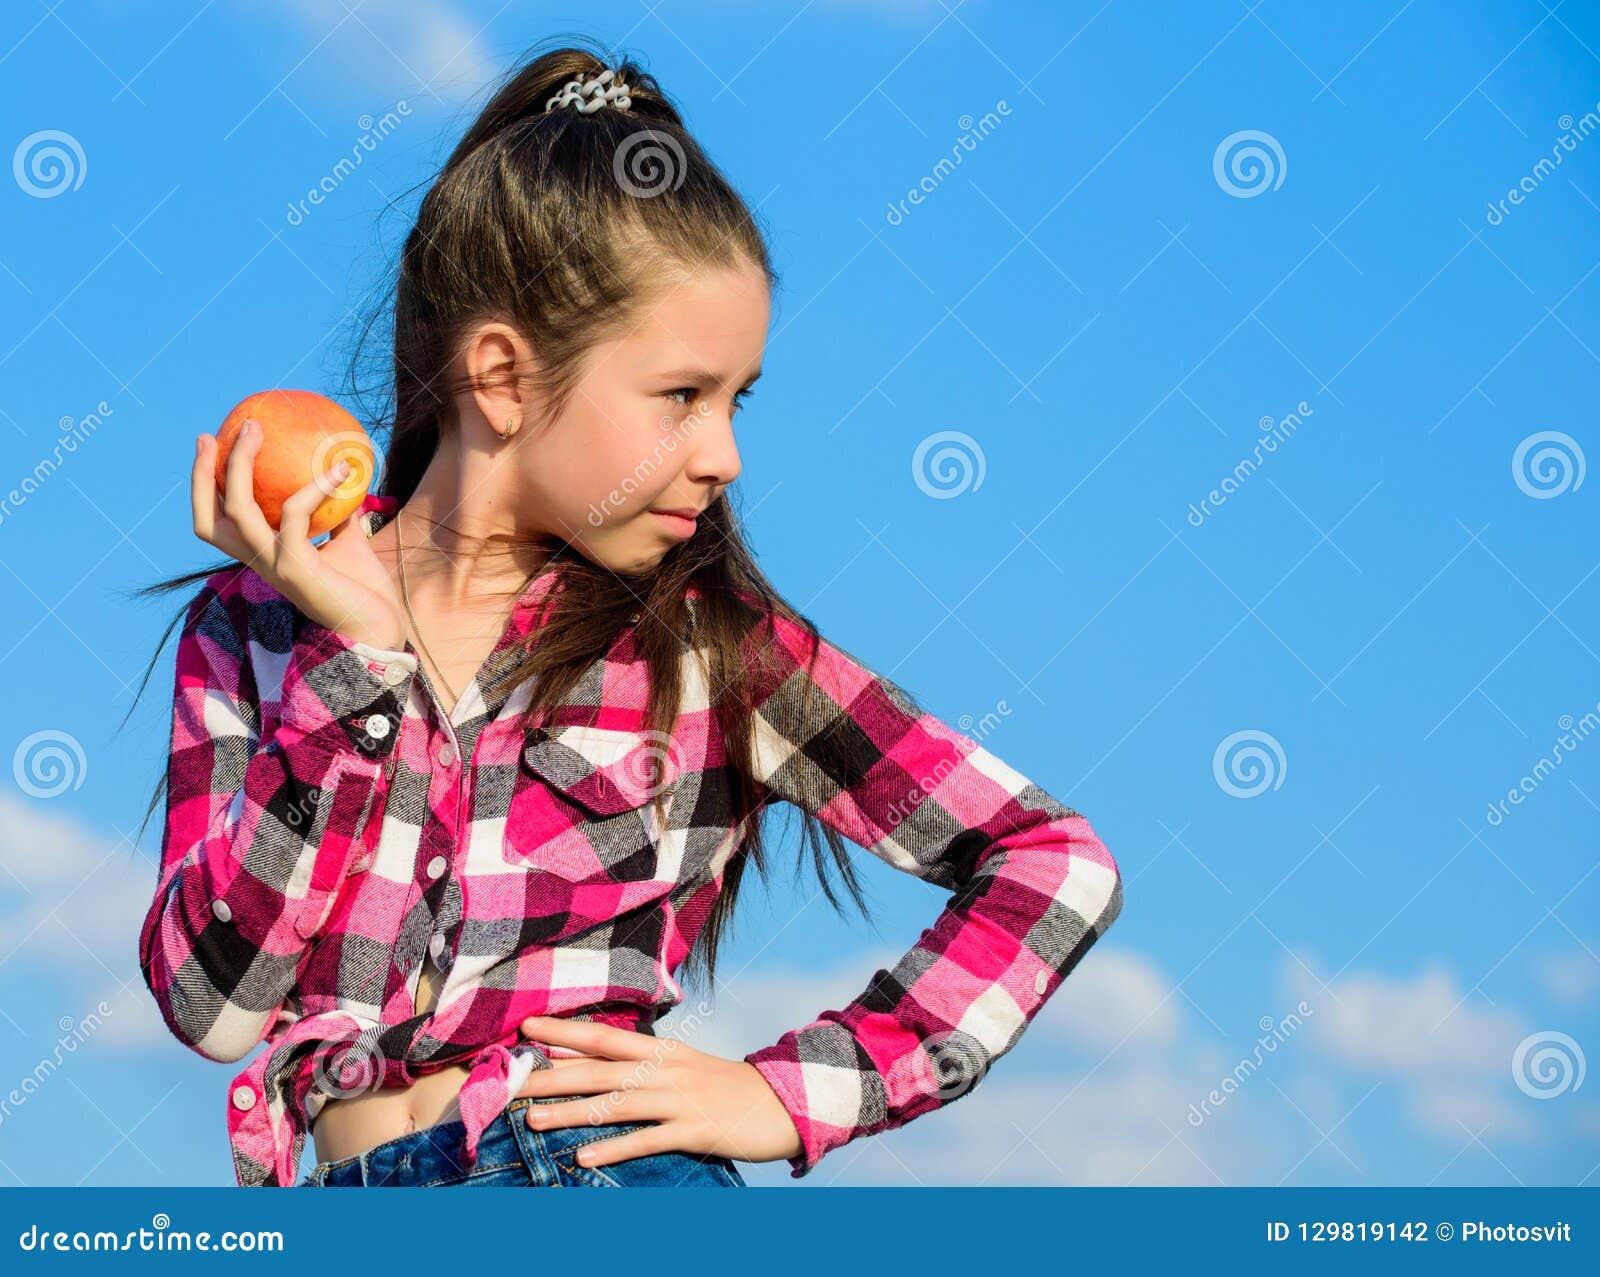 Gesundes Nahrungkonzept Kind essen reife Apfelfallernte Frucht-Vitaminnahrung für Kinder Apple tragen Diät Früchte zicklein